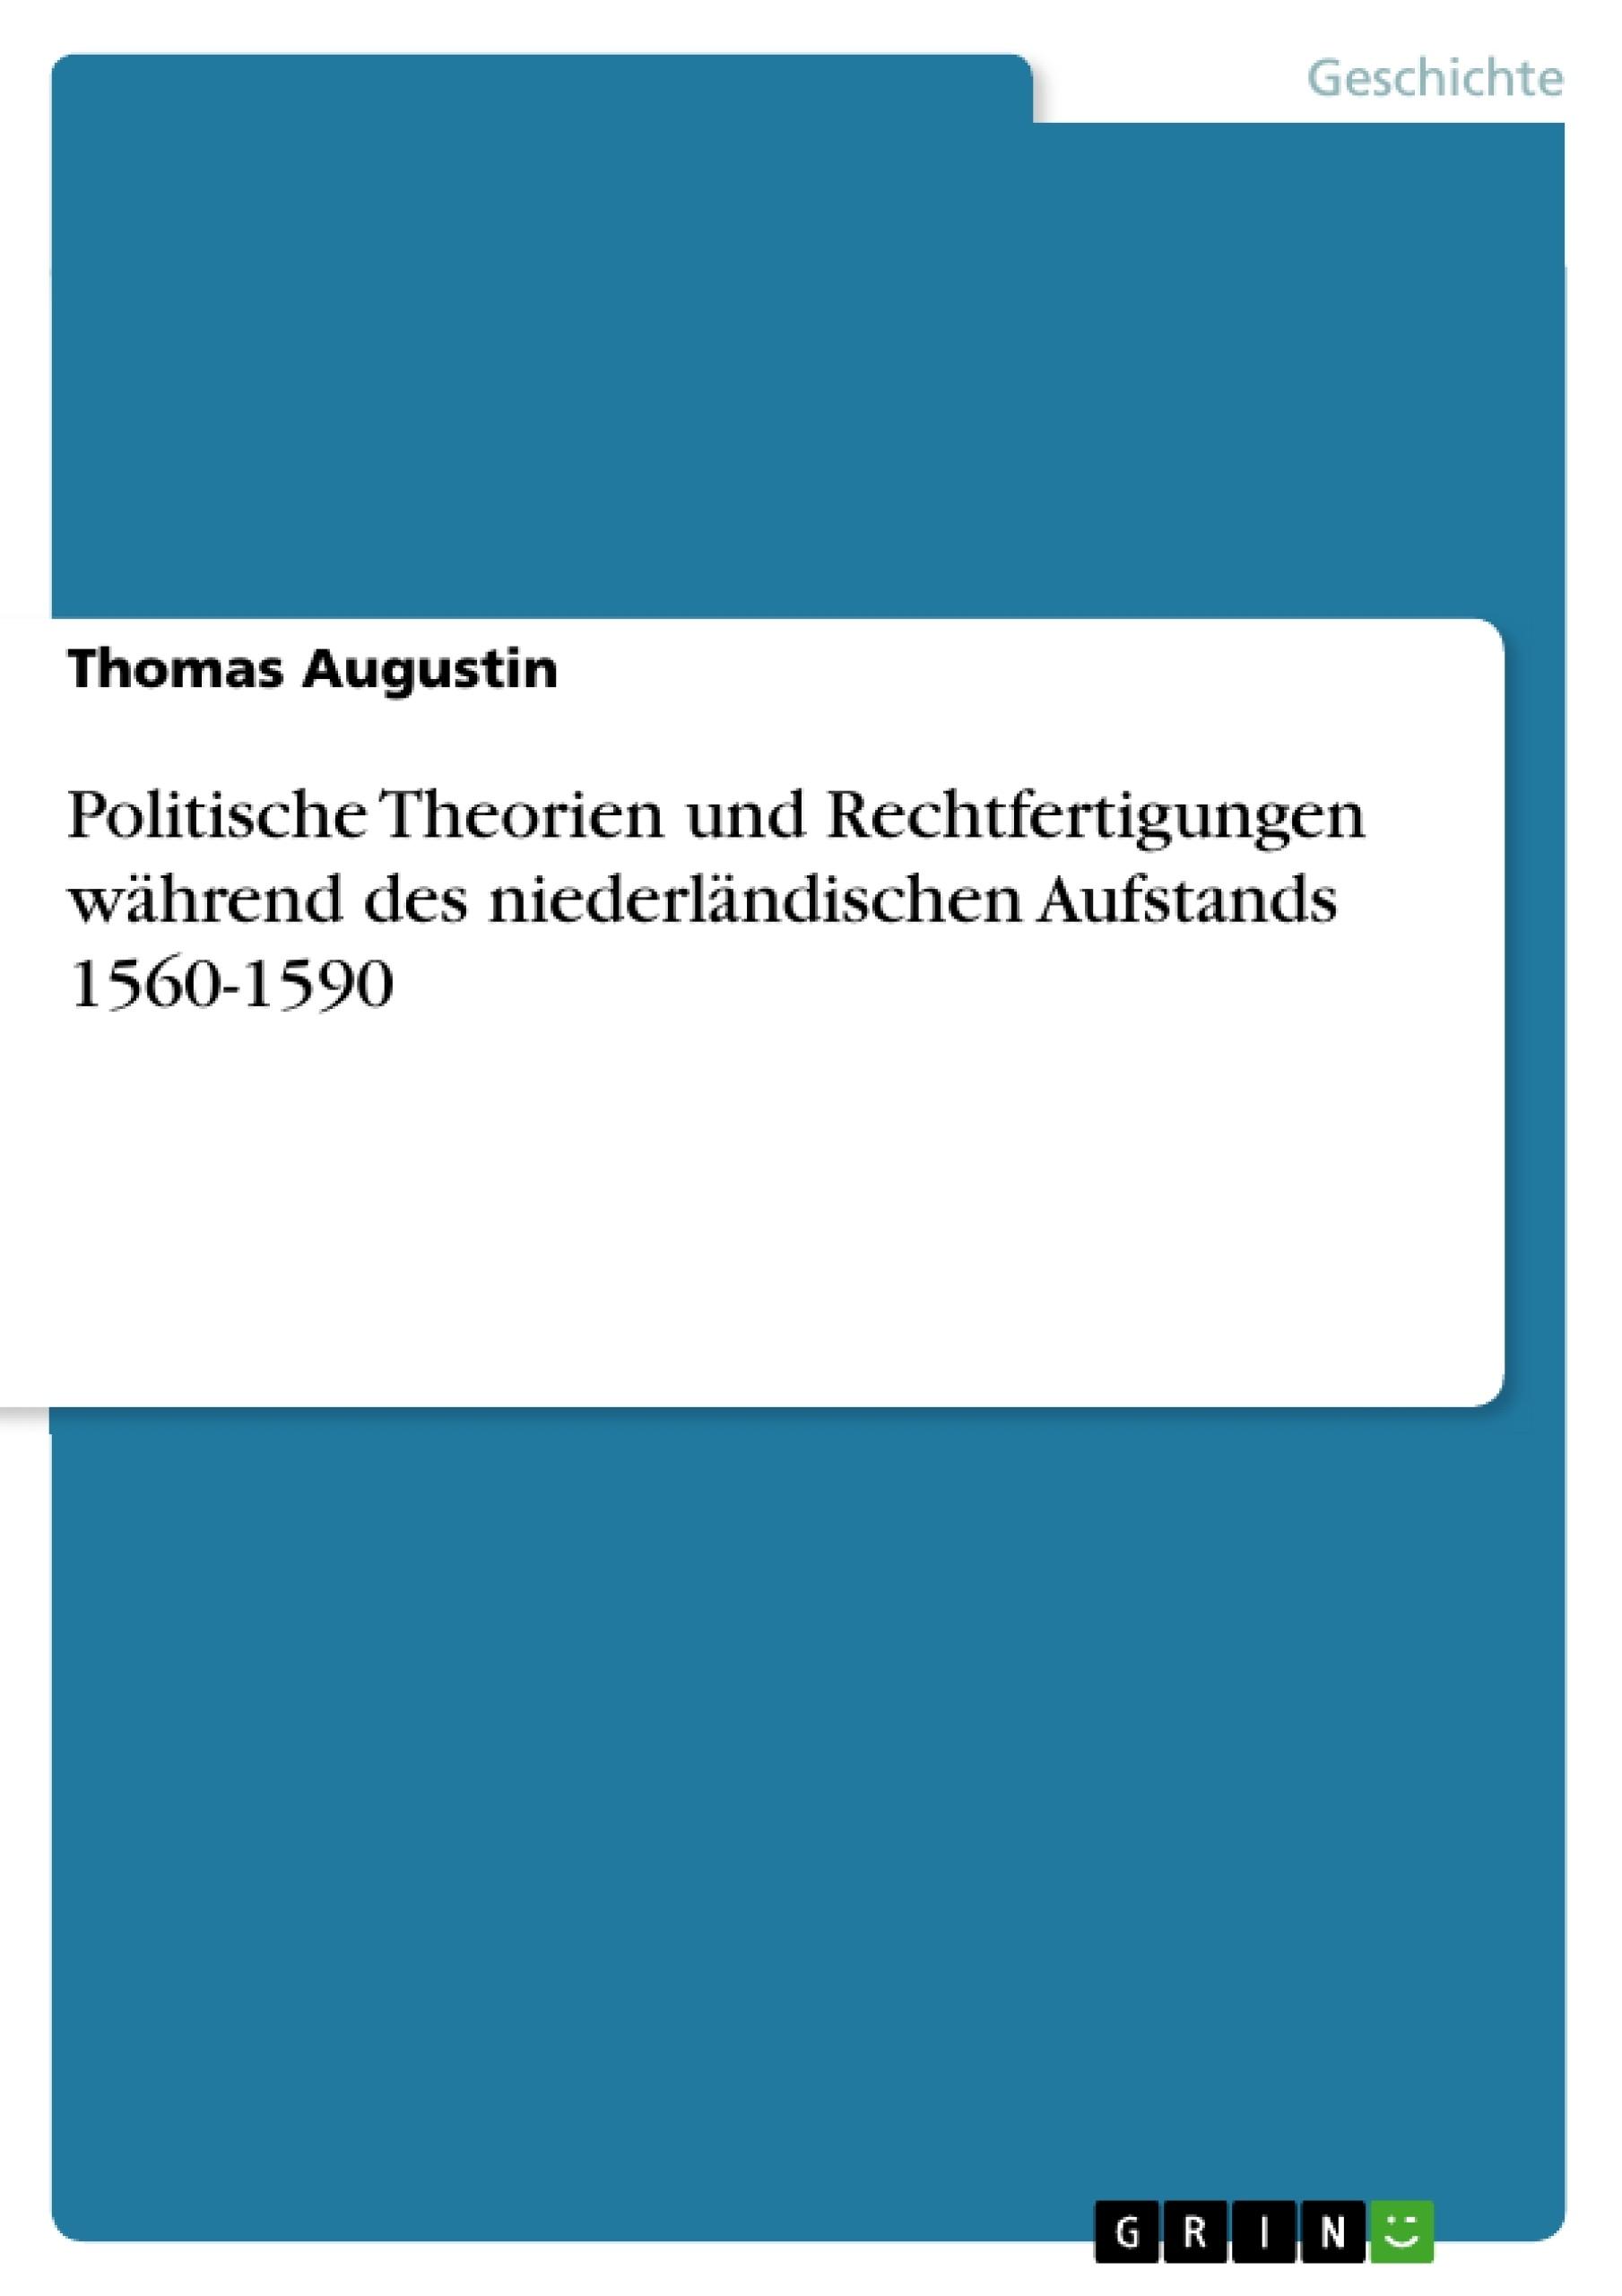 Titel: Politische Theorien und Rechtfertigungen während des niederländischen Aufstands 1560-1590